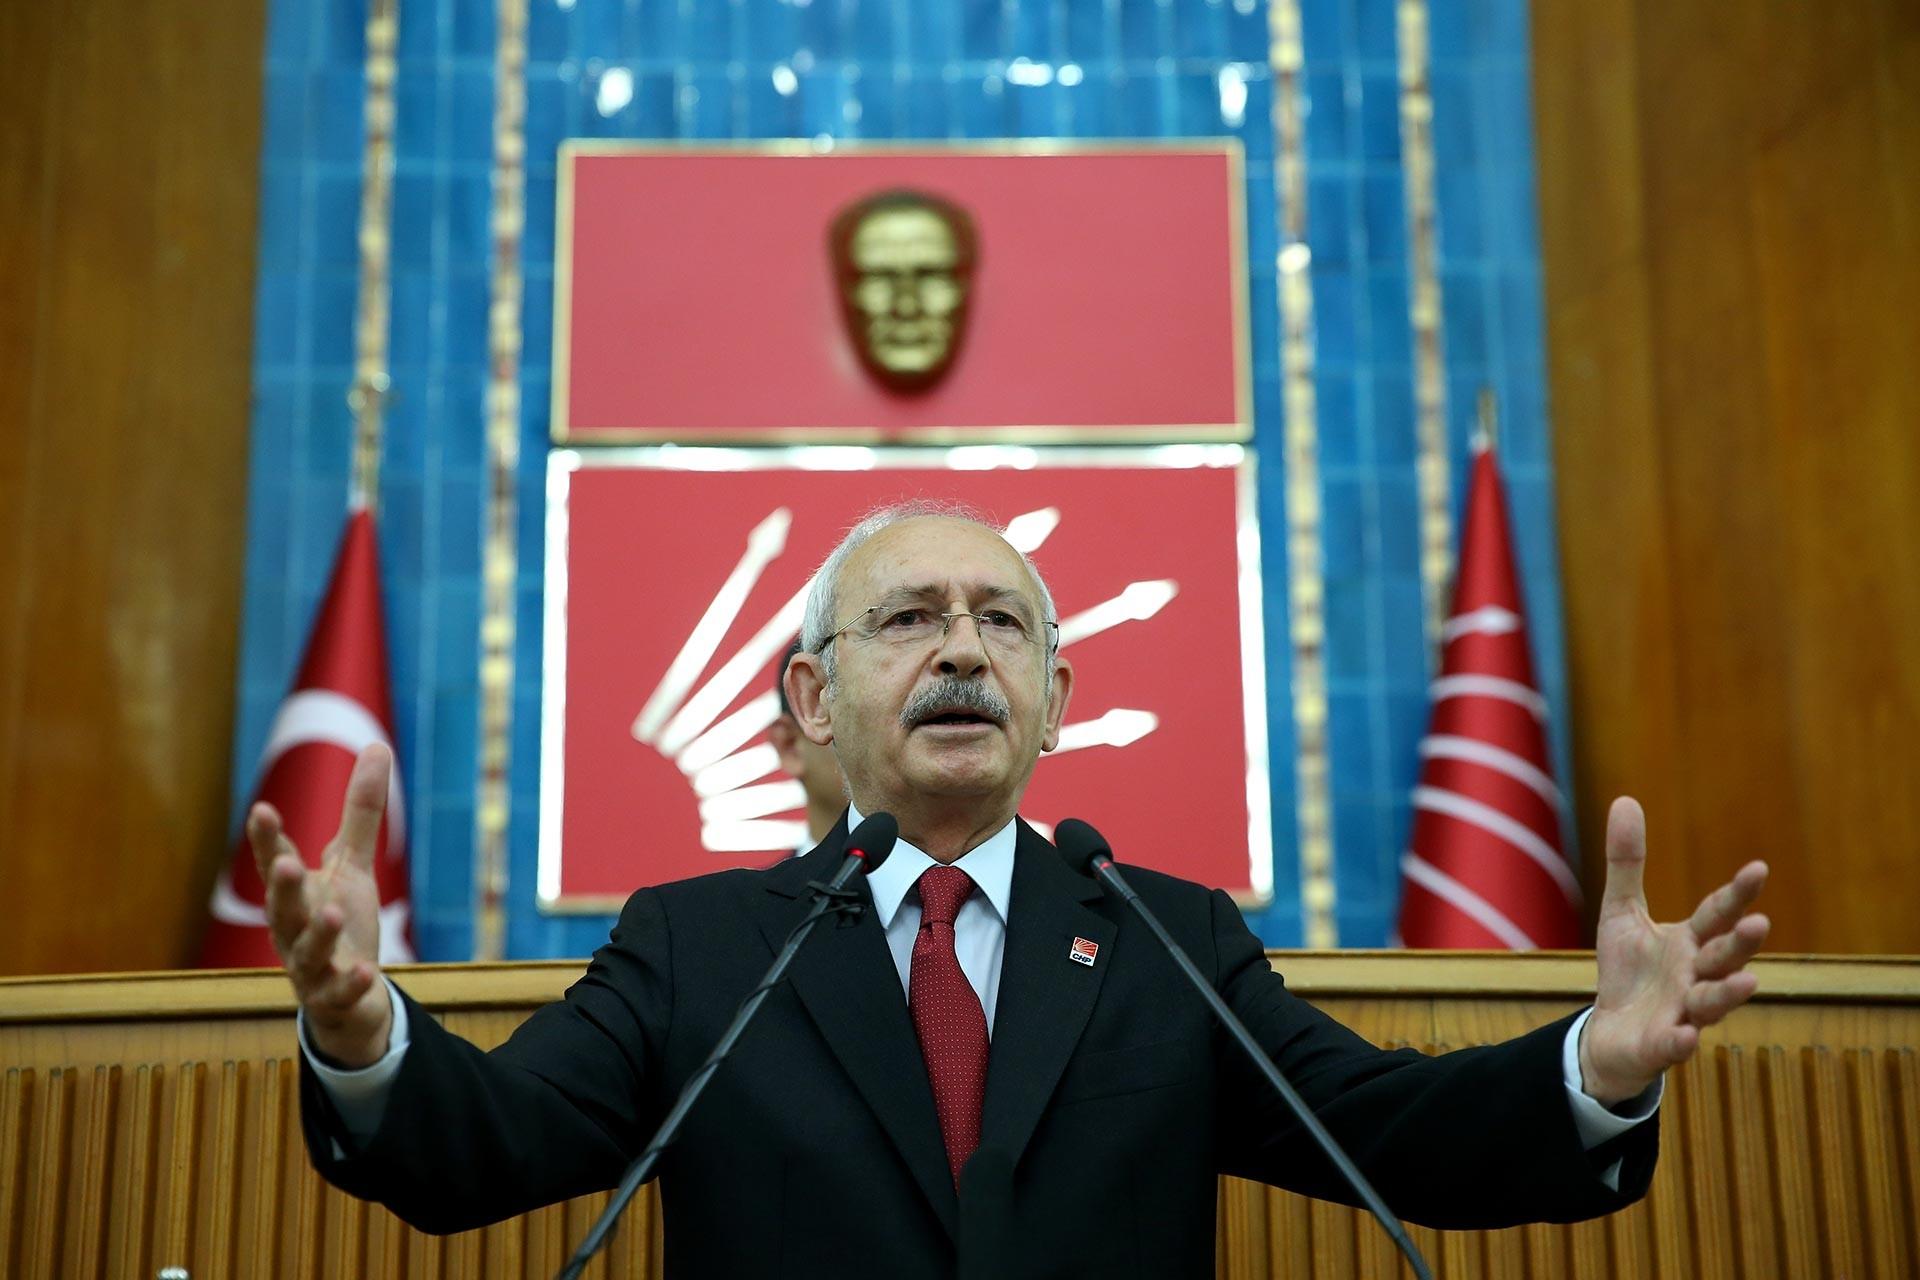 CHP'den 23 Haziran değerlendirmesi: Bu oyların tamamı bizim oylarımız değil